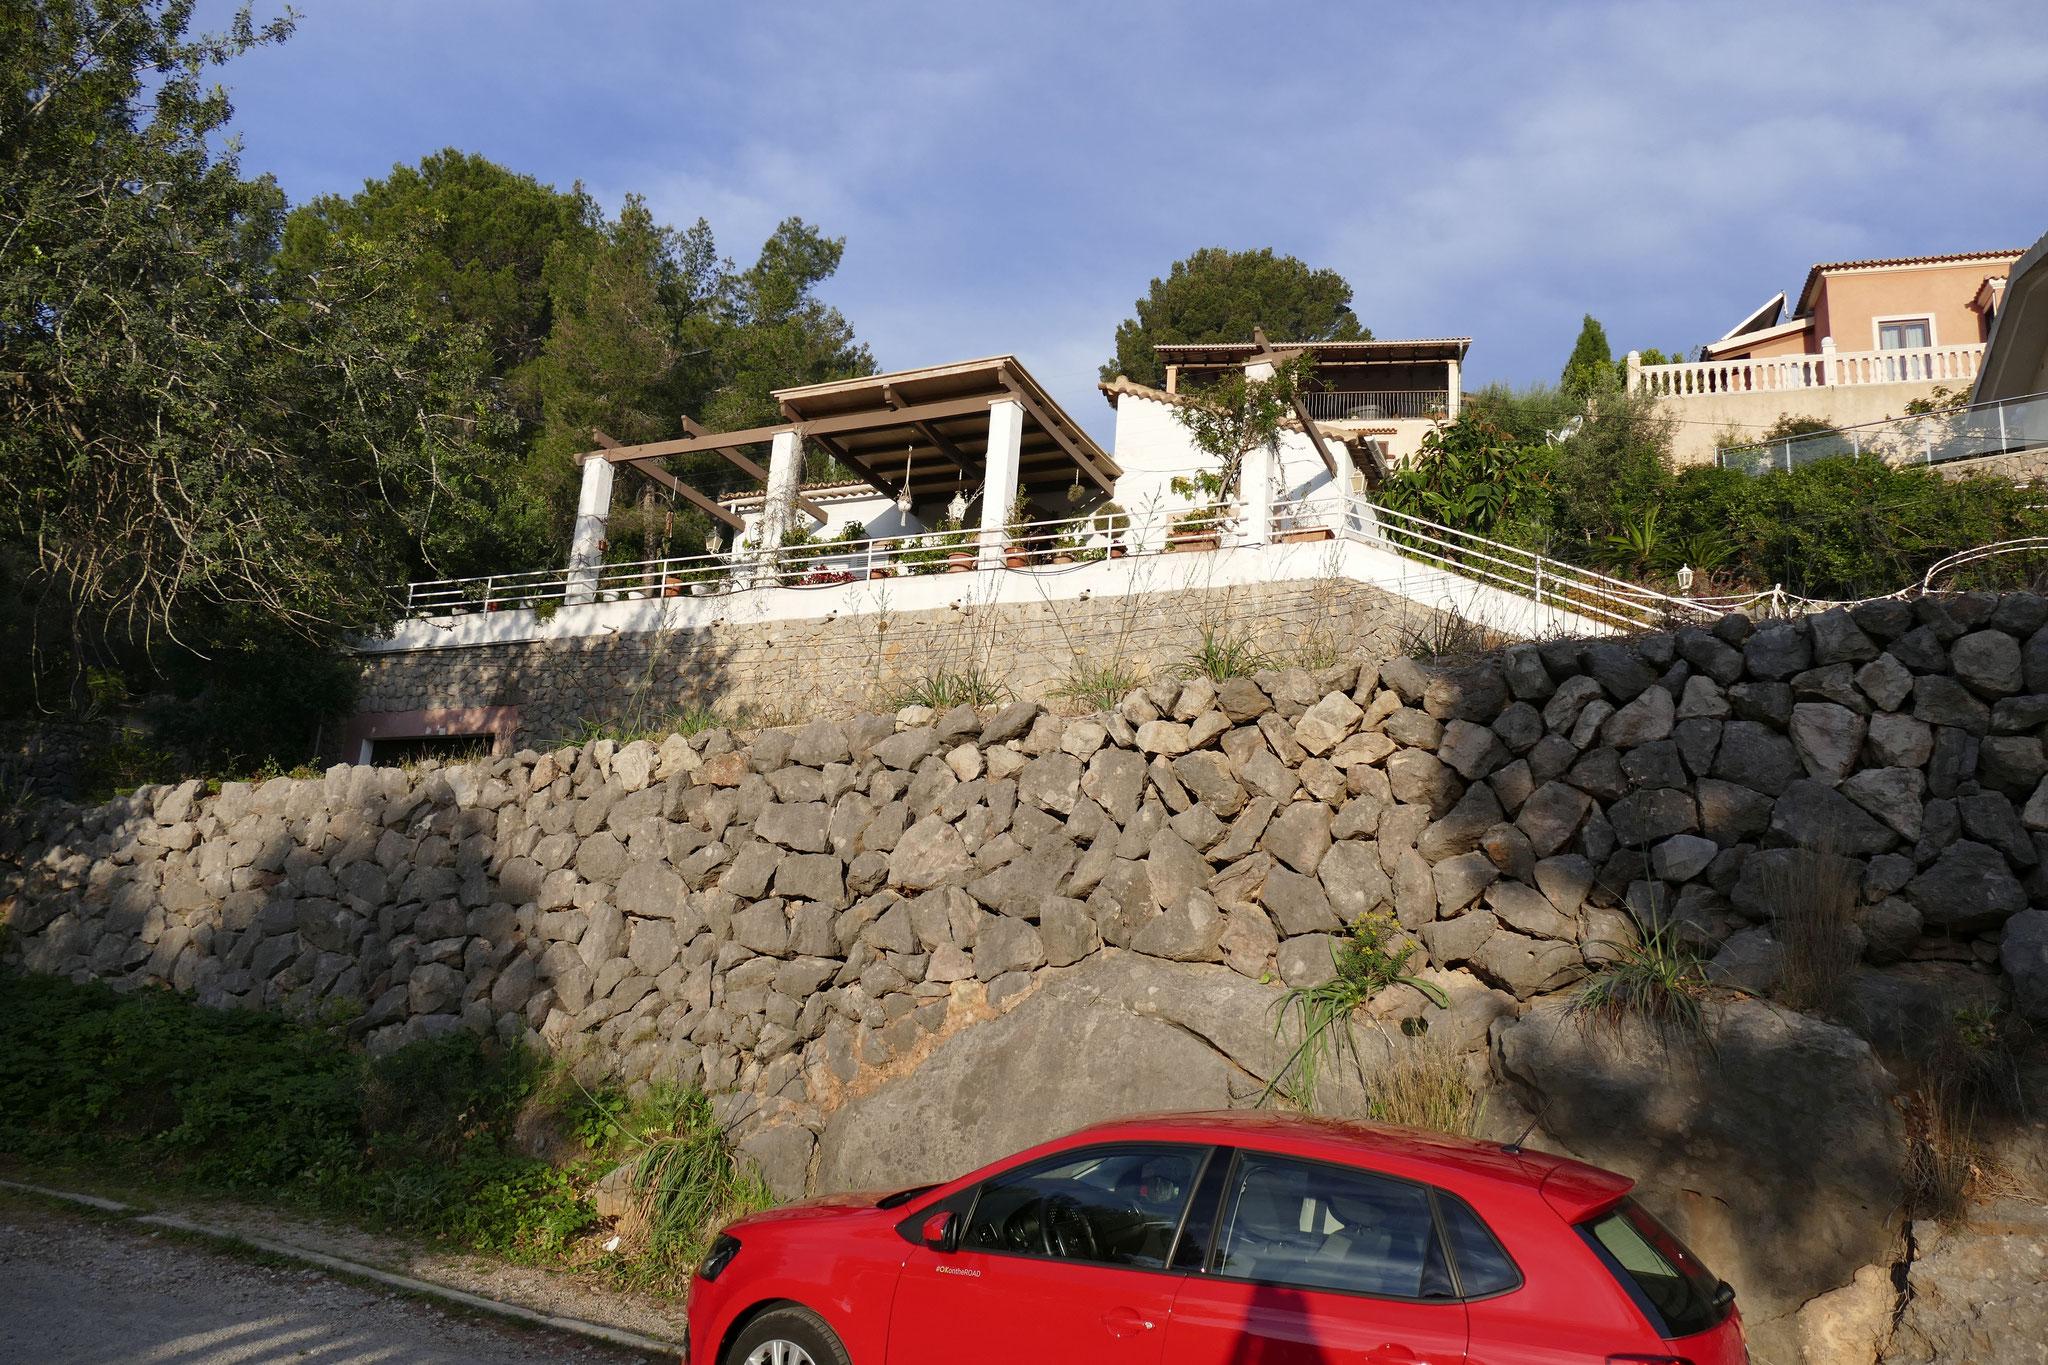 Blick auf das Haus von der Straße aus